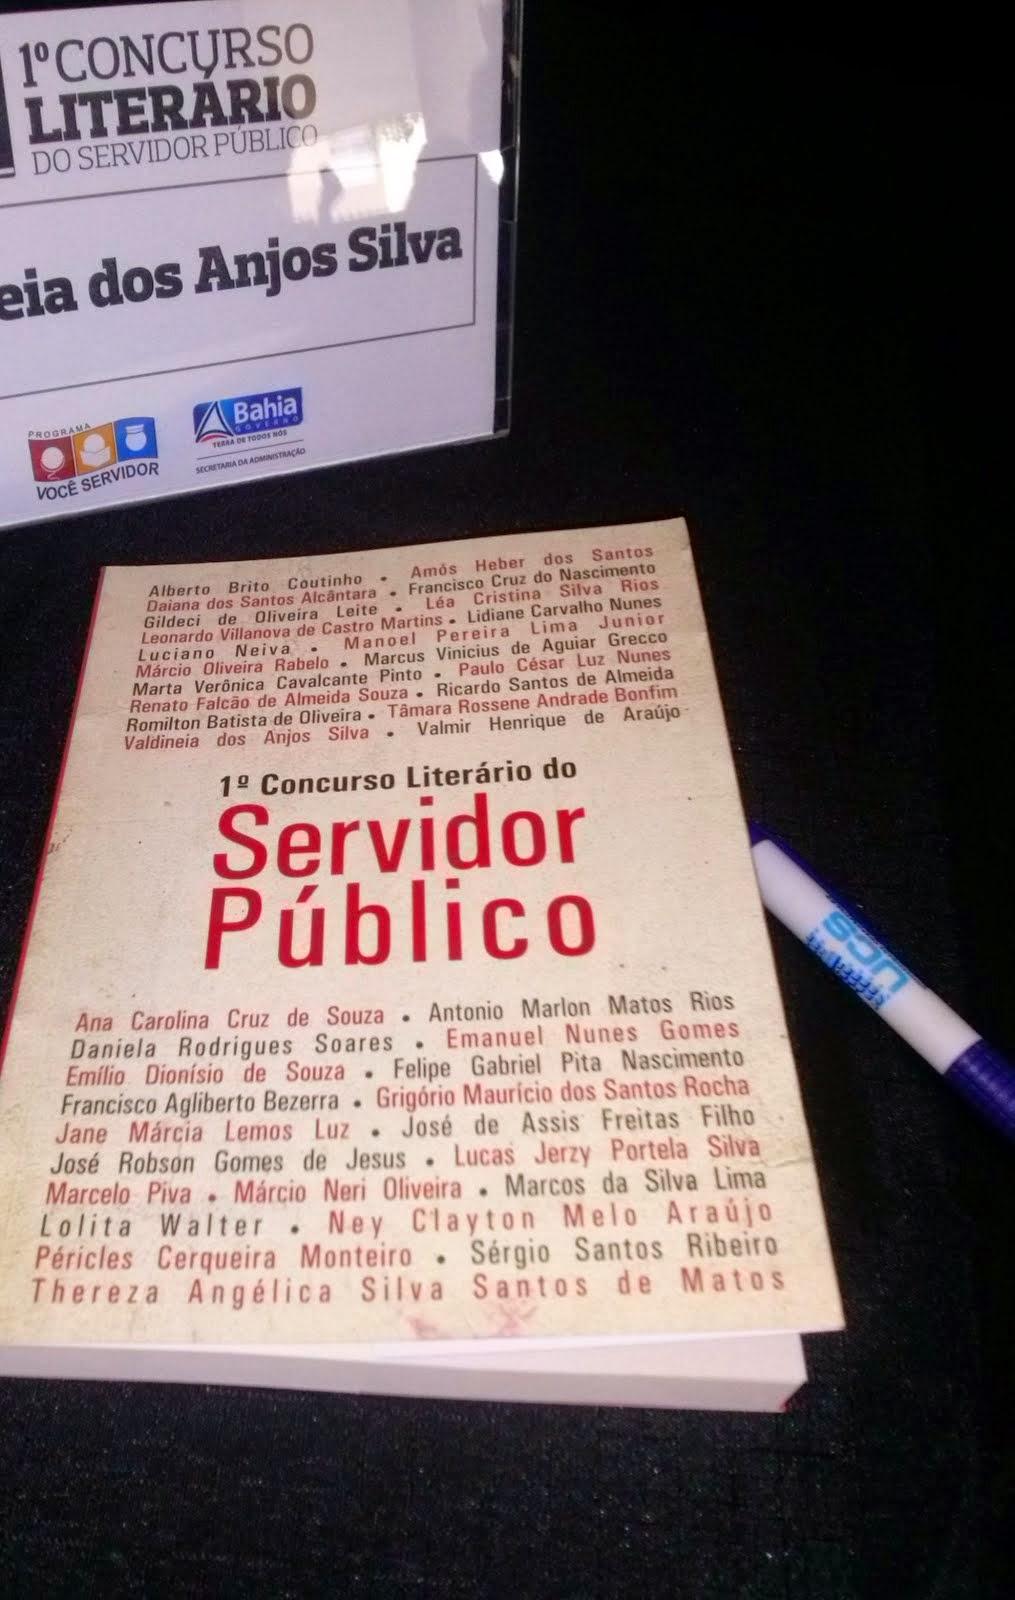 Participação no livro do I Concurso Literário do Servidor Público do Estado da Bahia